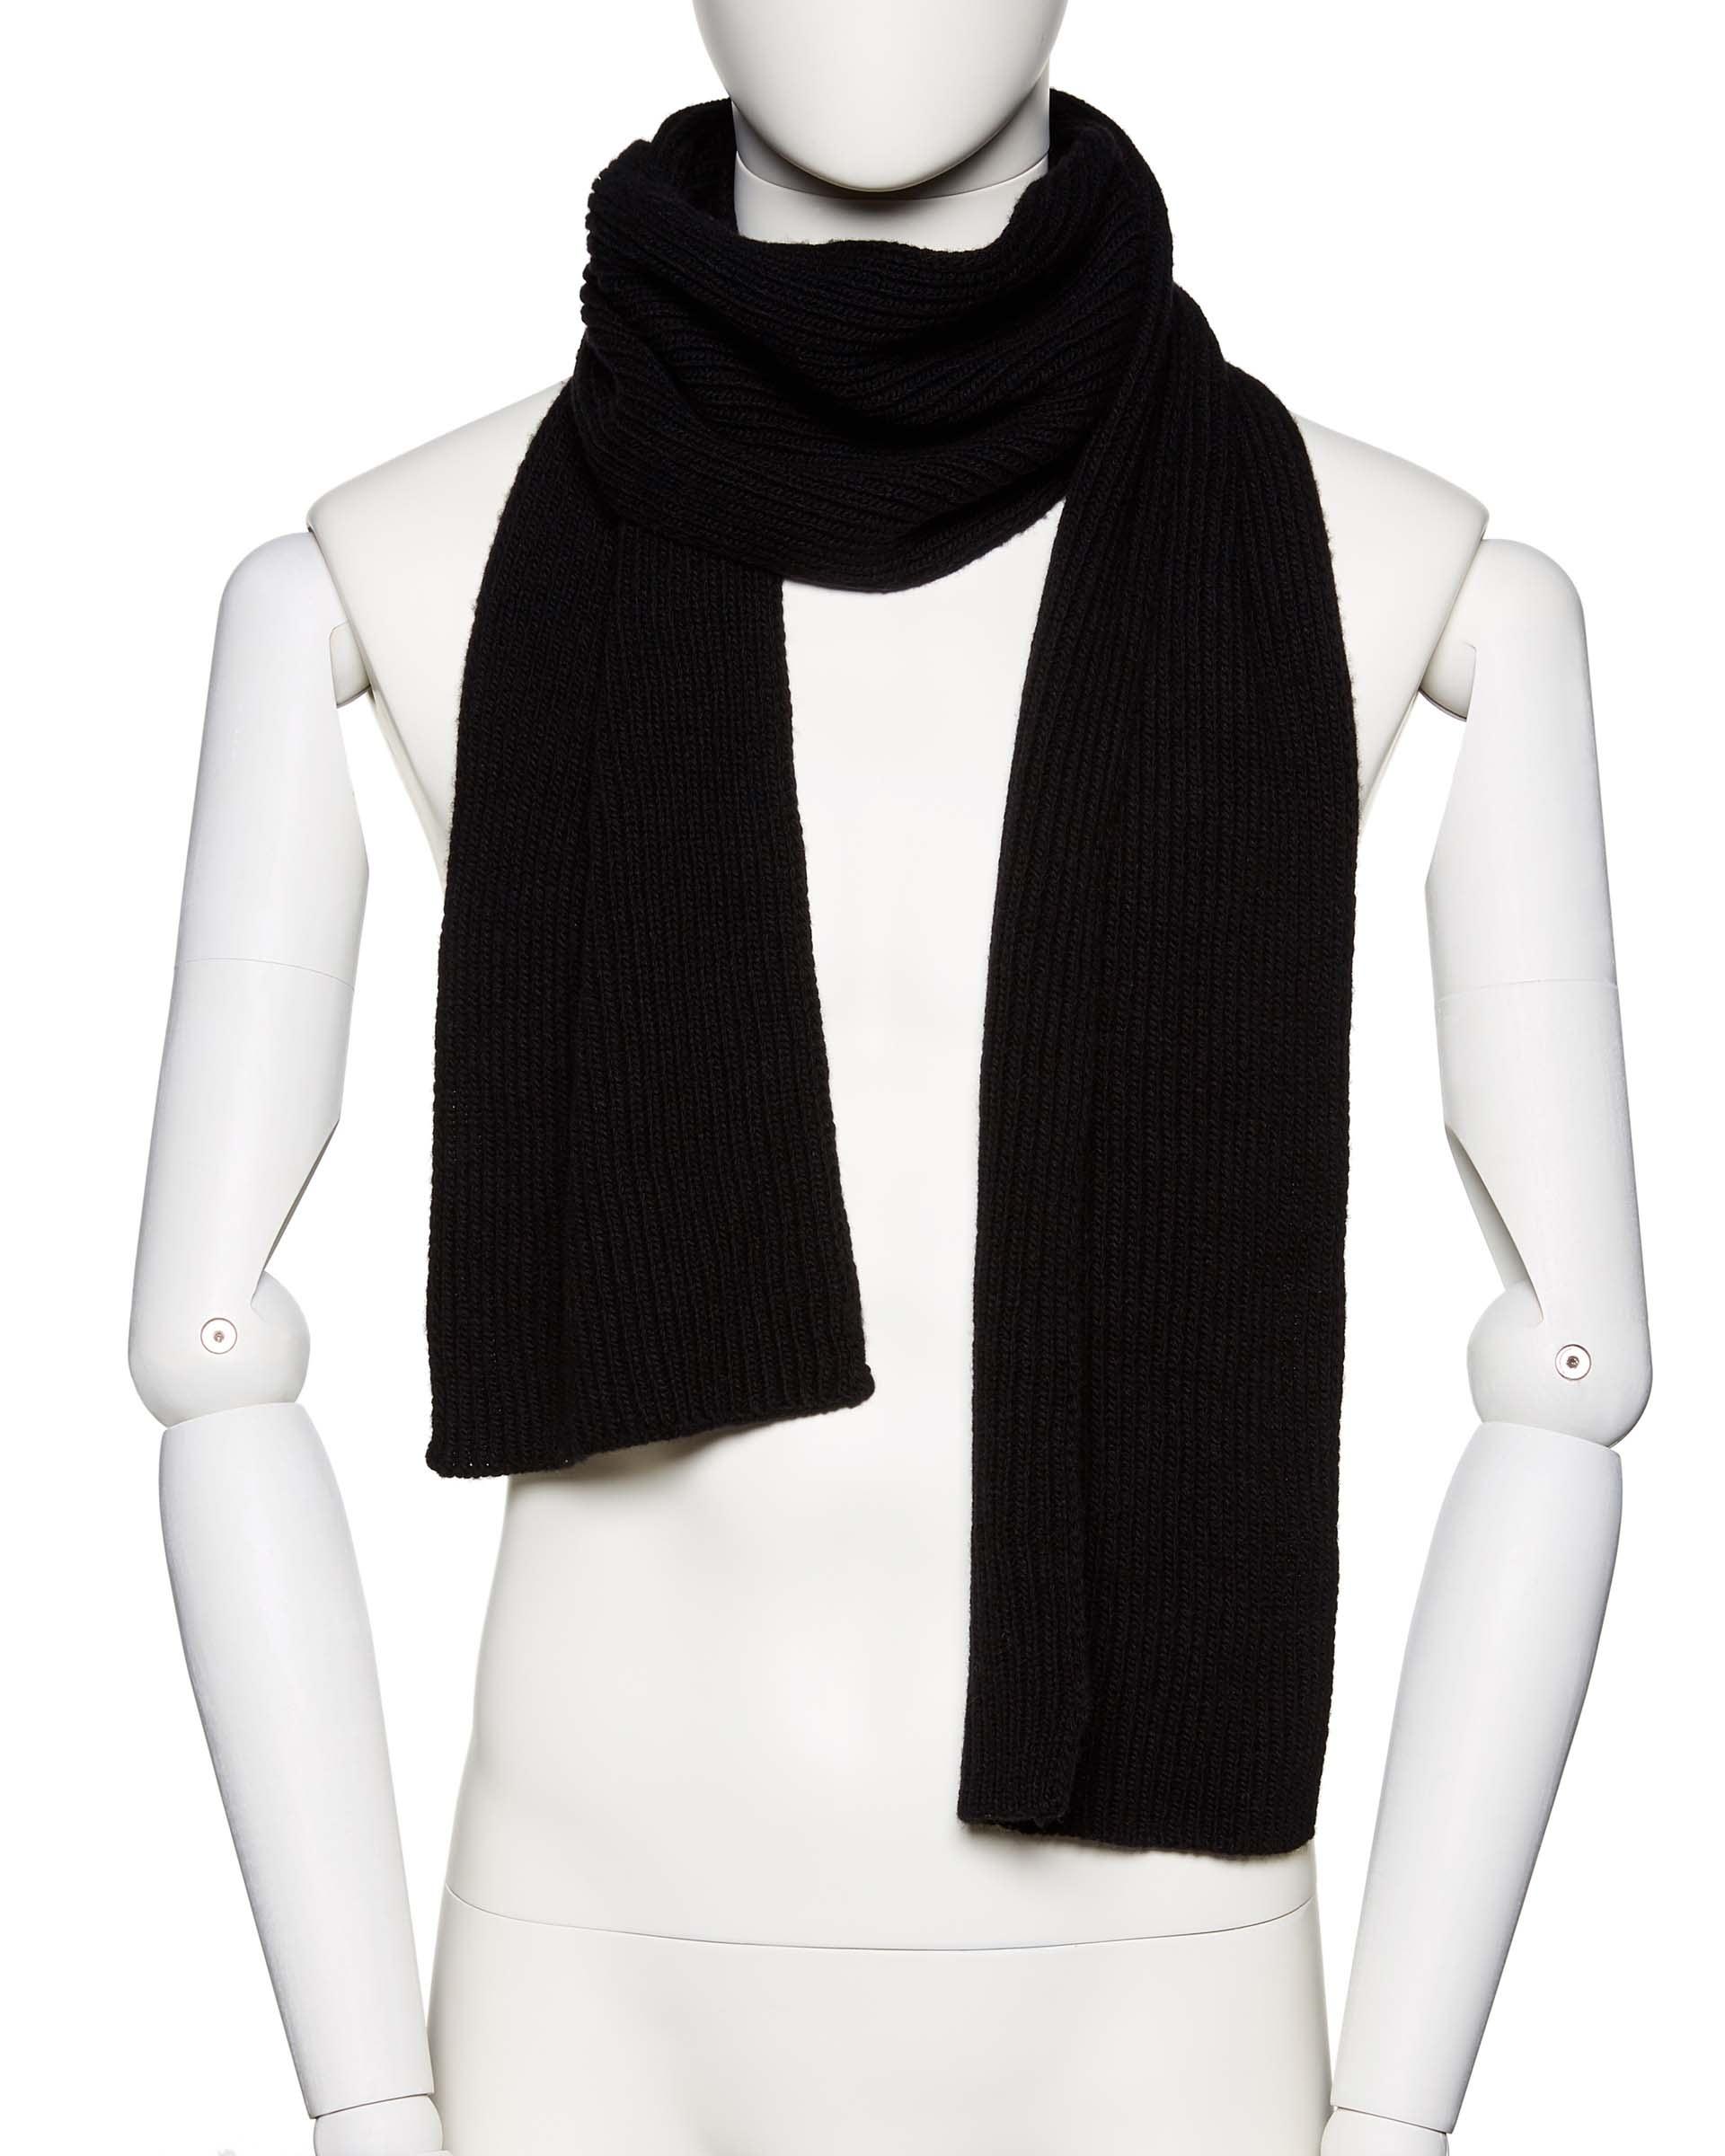 ШарфПлатки и Шарфы<br>Вязаный шарф из шерстяной пряжи. Фактура в рубчик, универсальный размер. Размеры: 180*17 см.<br>Цвет: Черный; Размер: OS;